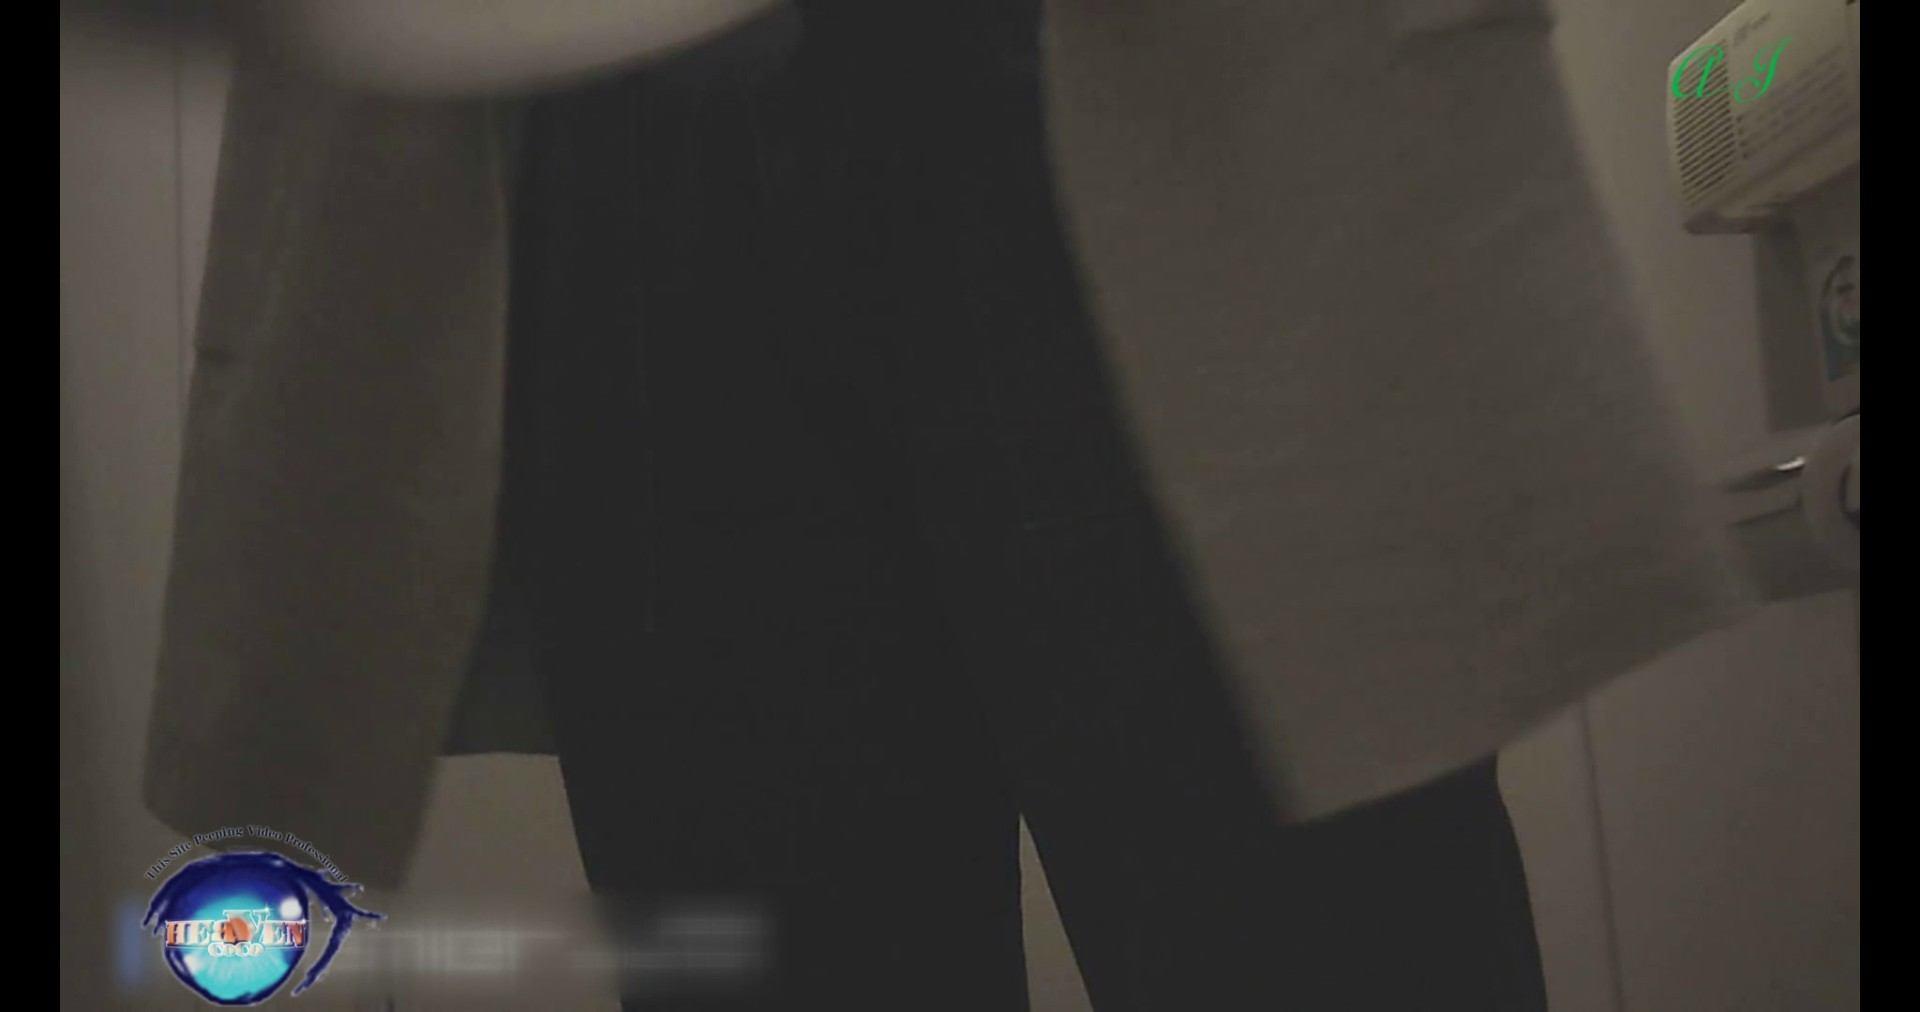 【某有名大学女性洗面所】有名大学女性洗面所 vol.74 前編 洗面所突入  77pic 68